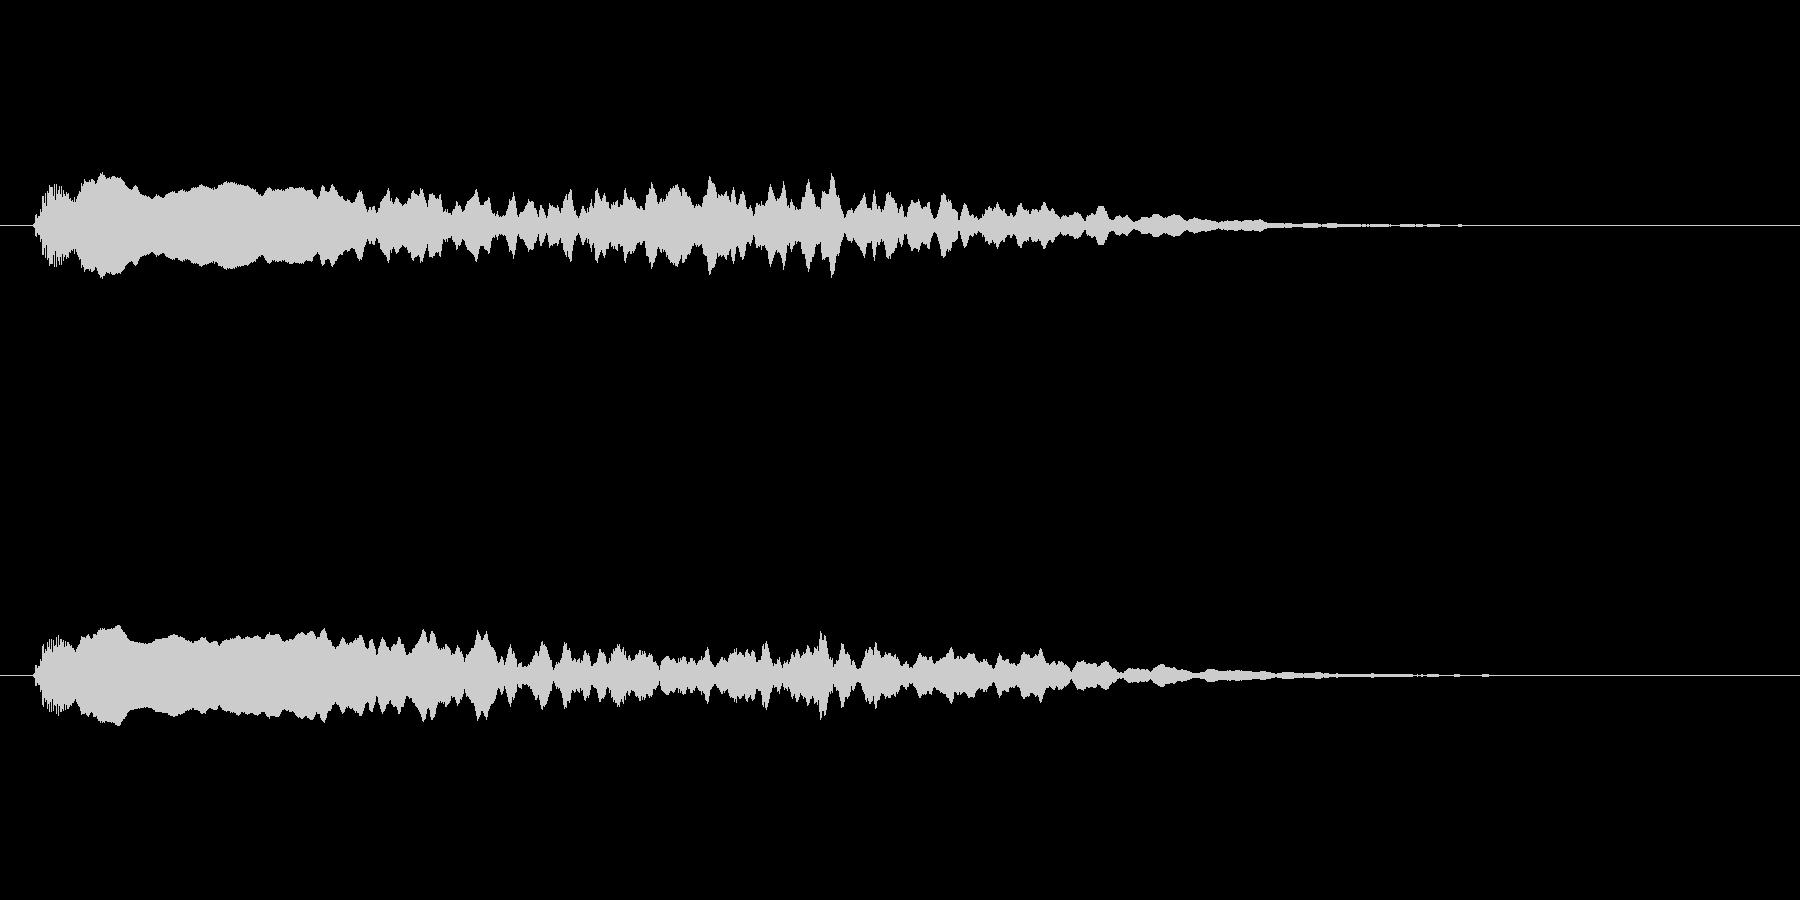 【ネガティブ04-2】の未再生の波形